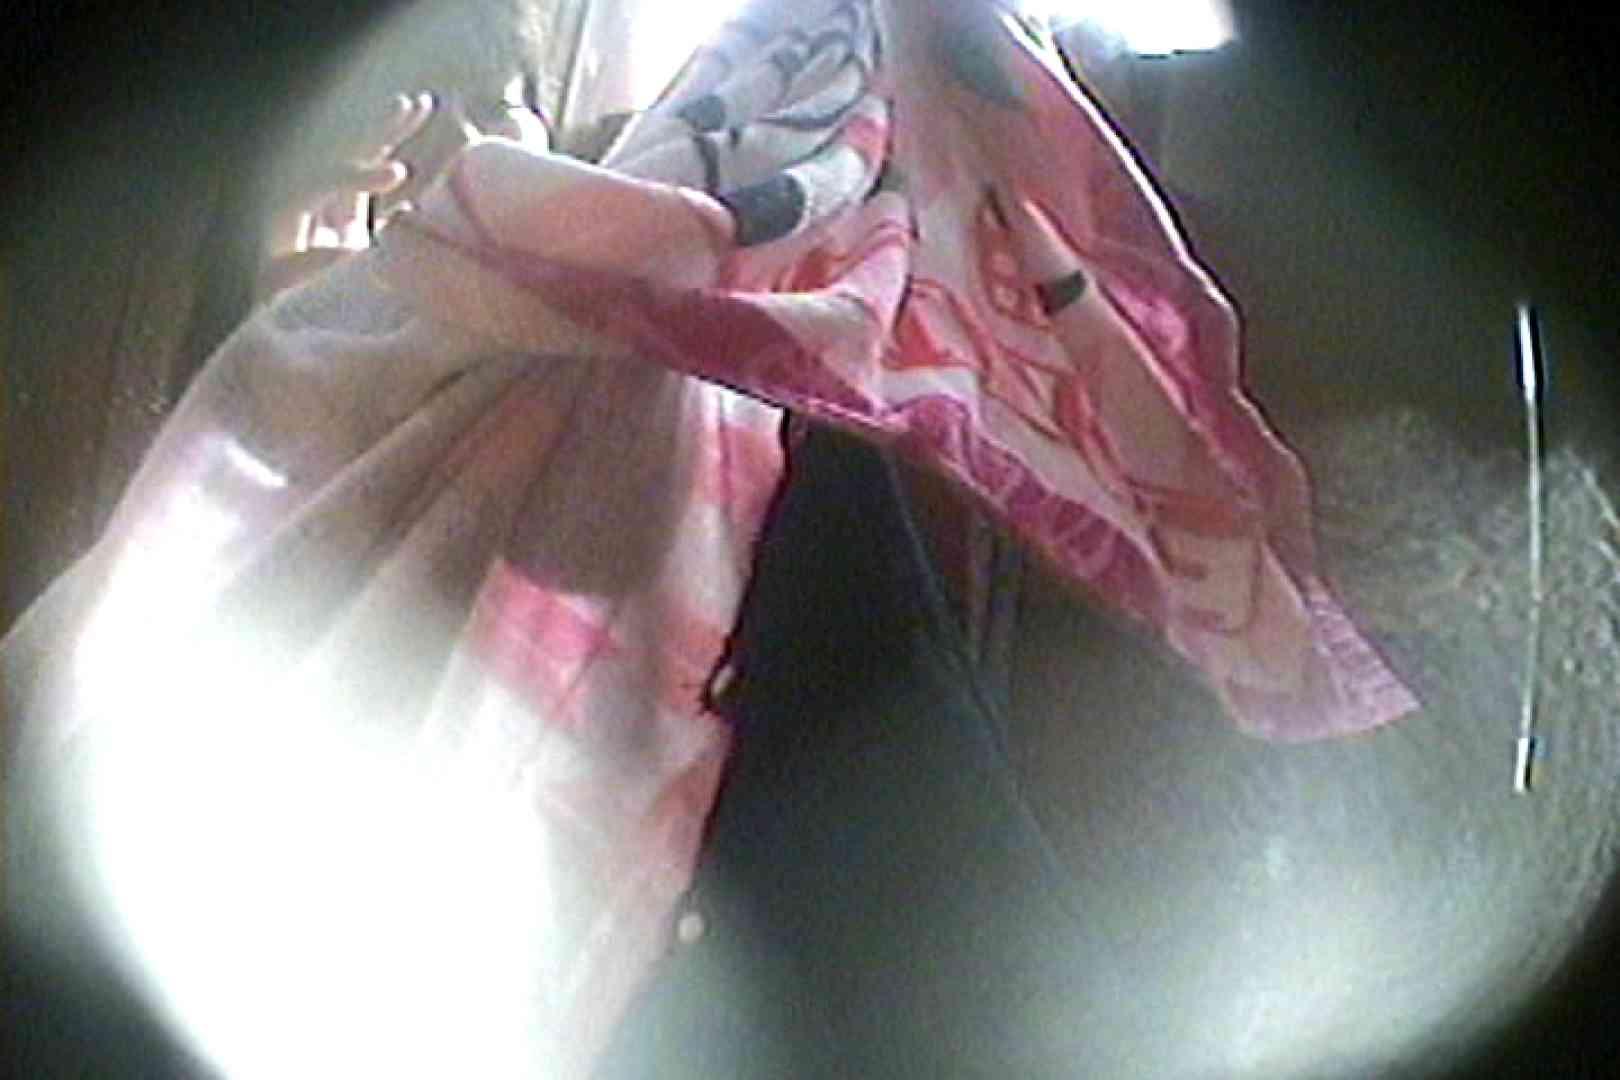 海の家の更衣室 Vol.61 シャワー ワレメ動画紹介 101pic 83